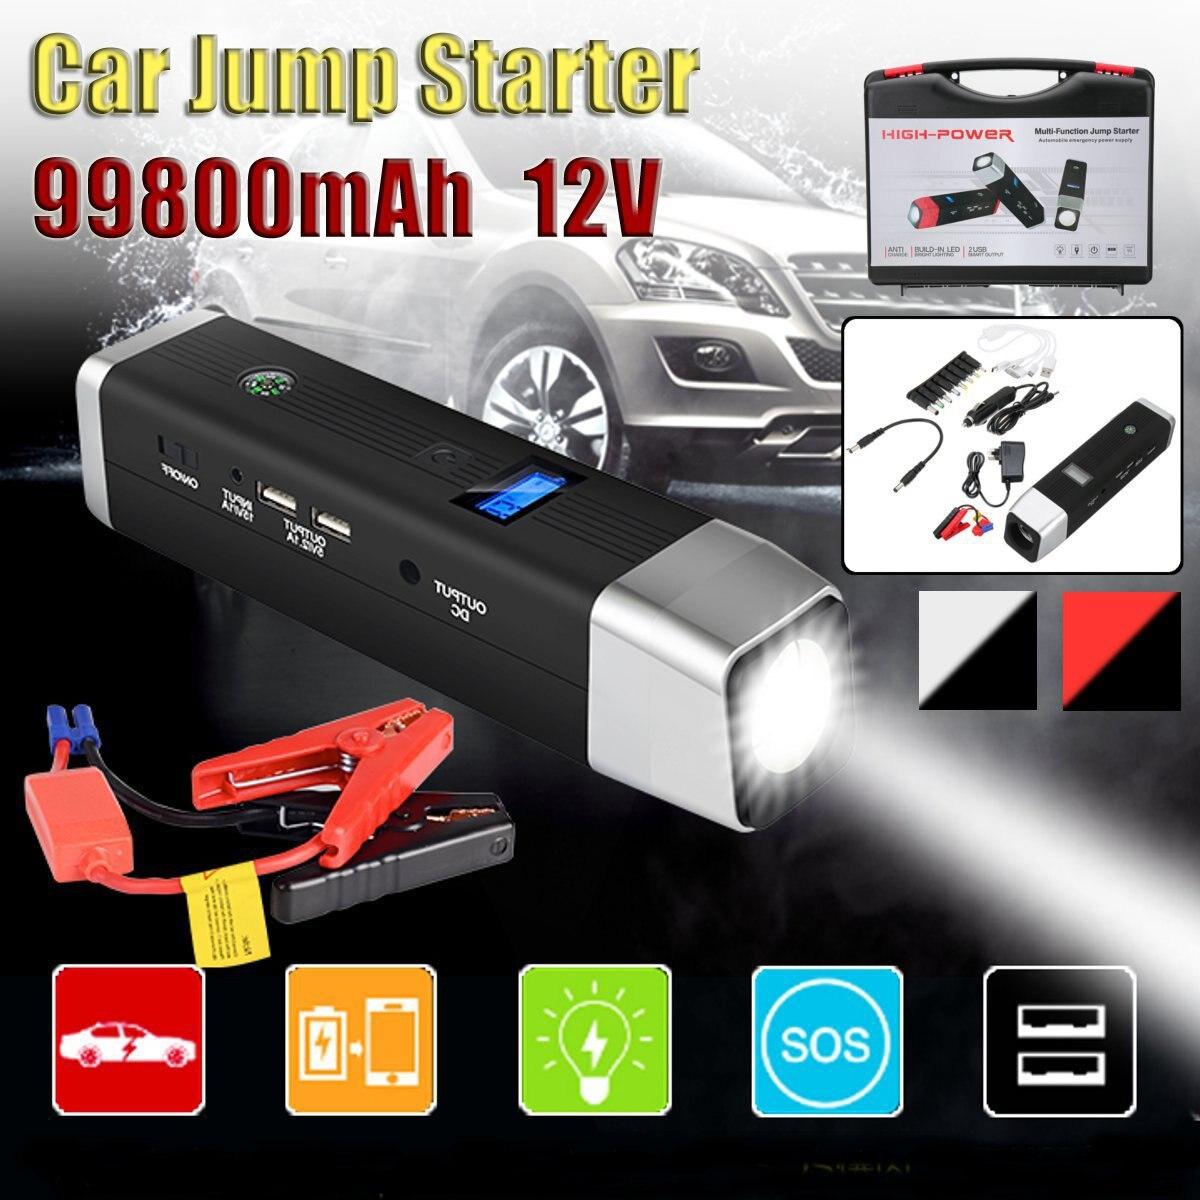 Super puissance voiture saut démarreur batterie externe 500A Portable voiture batterie Booster chargeur 12 V démarrage dispositif essence Diesels voiture démarreur